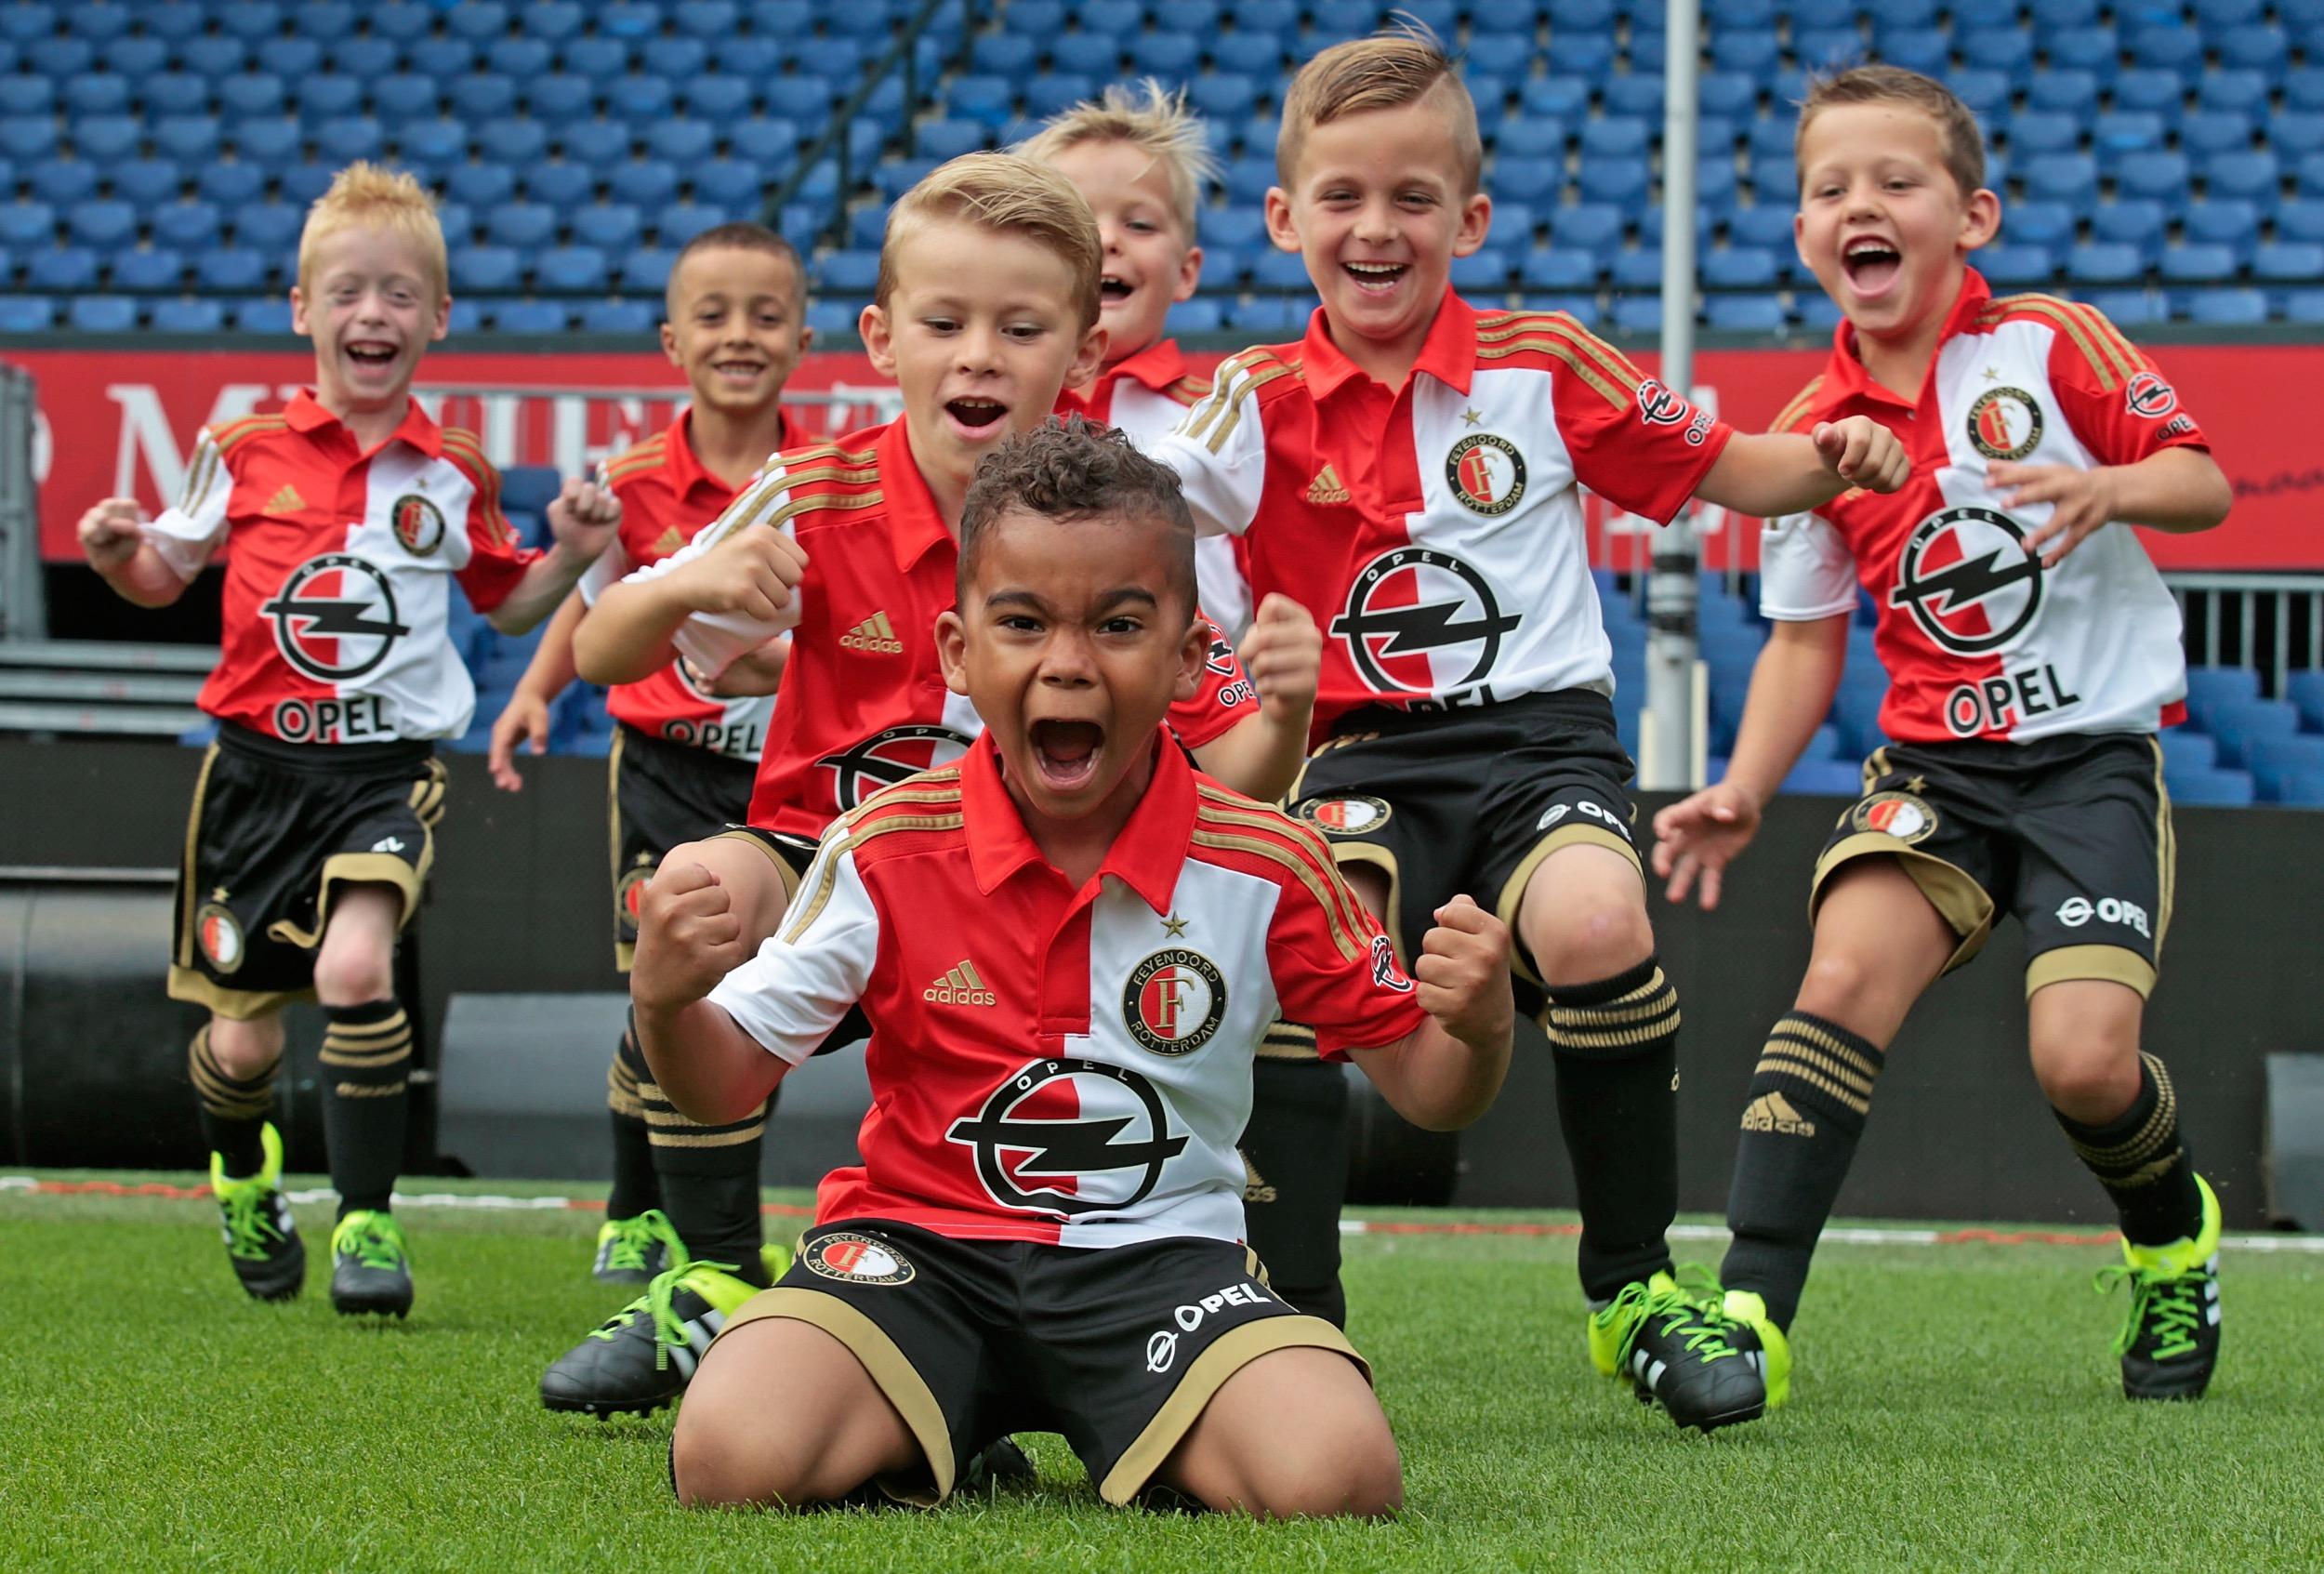 120 enfants affrontent l'équipe première du Feyenoord